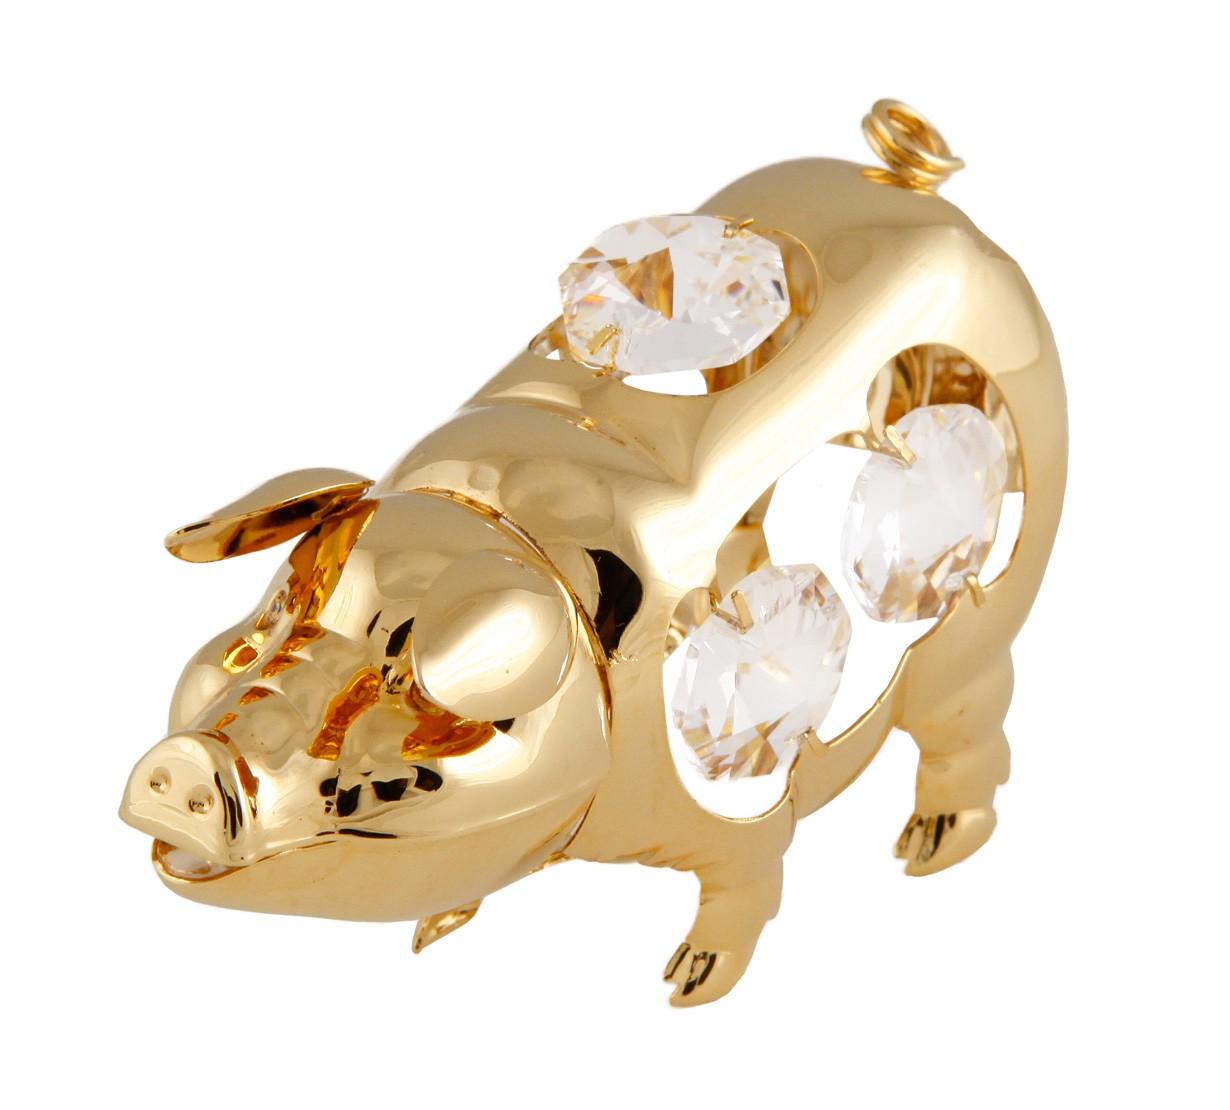 Porc cu Cristale Swarovski - placat cu Aur 24K